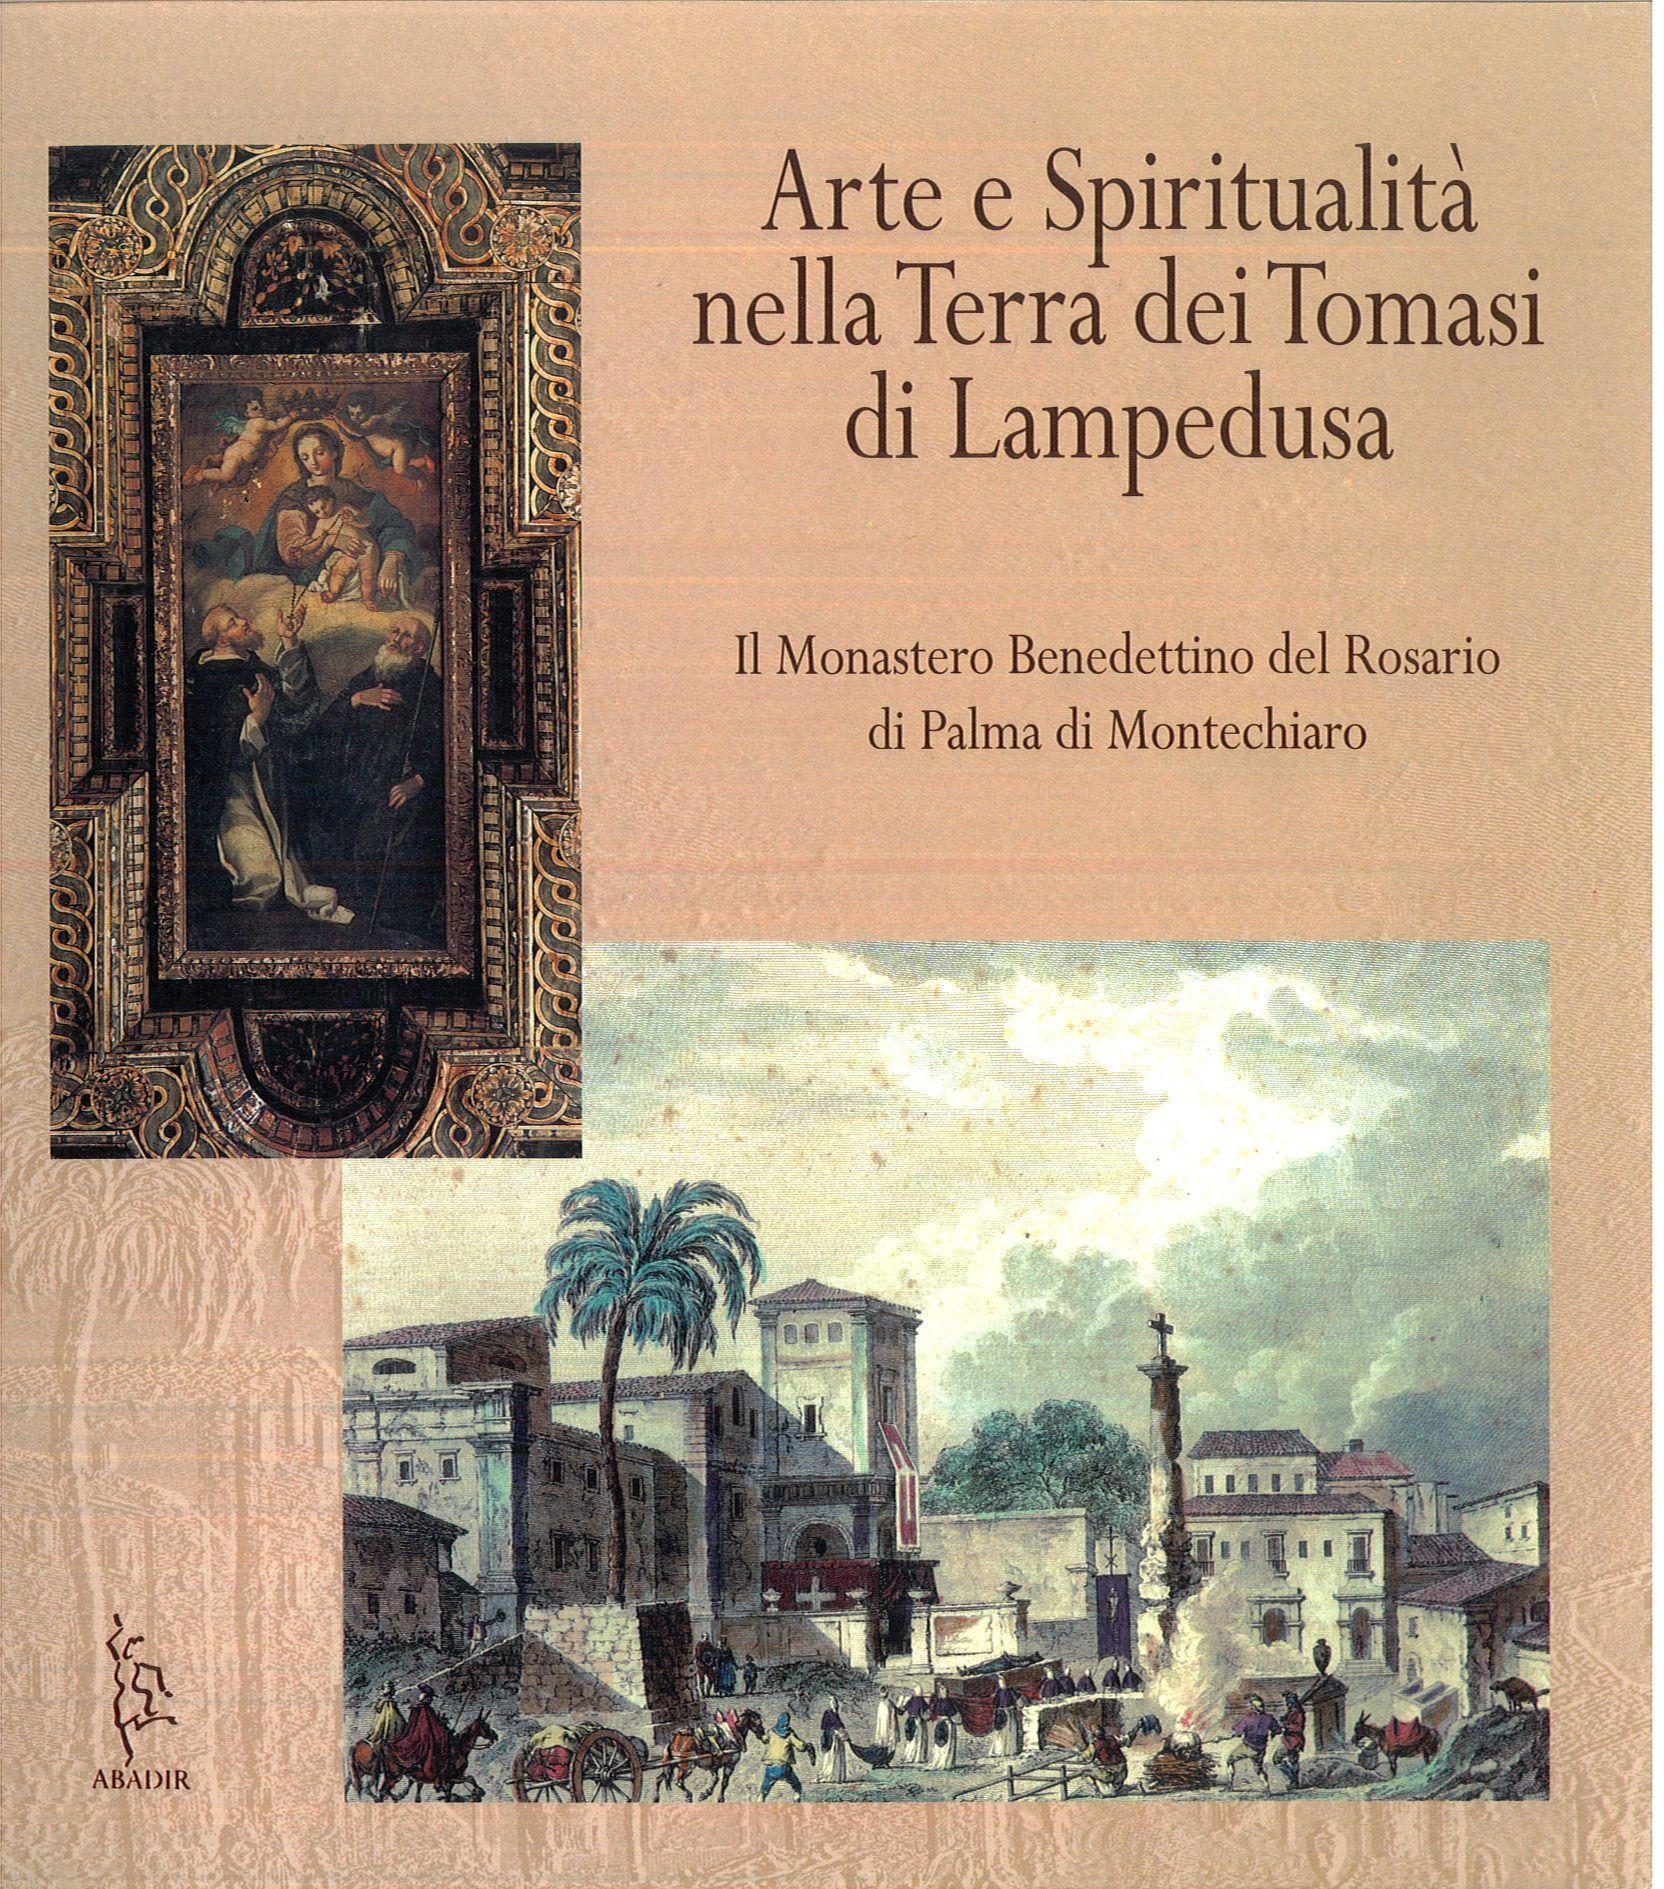 Arte e Spriritualita nella terra dei Tomasi di Lampedusa